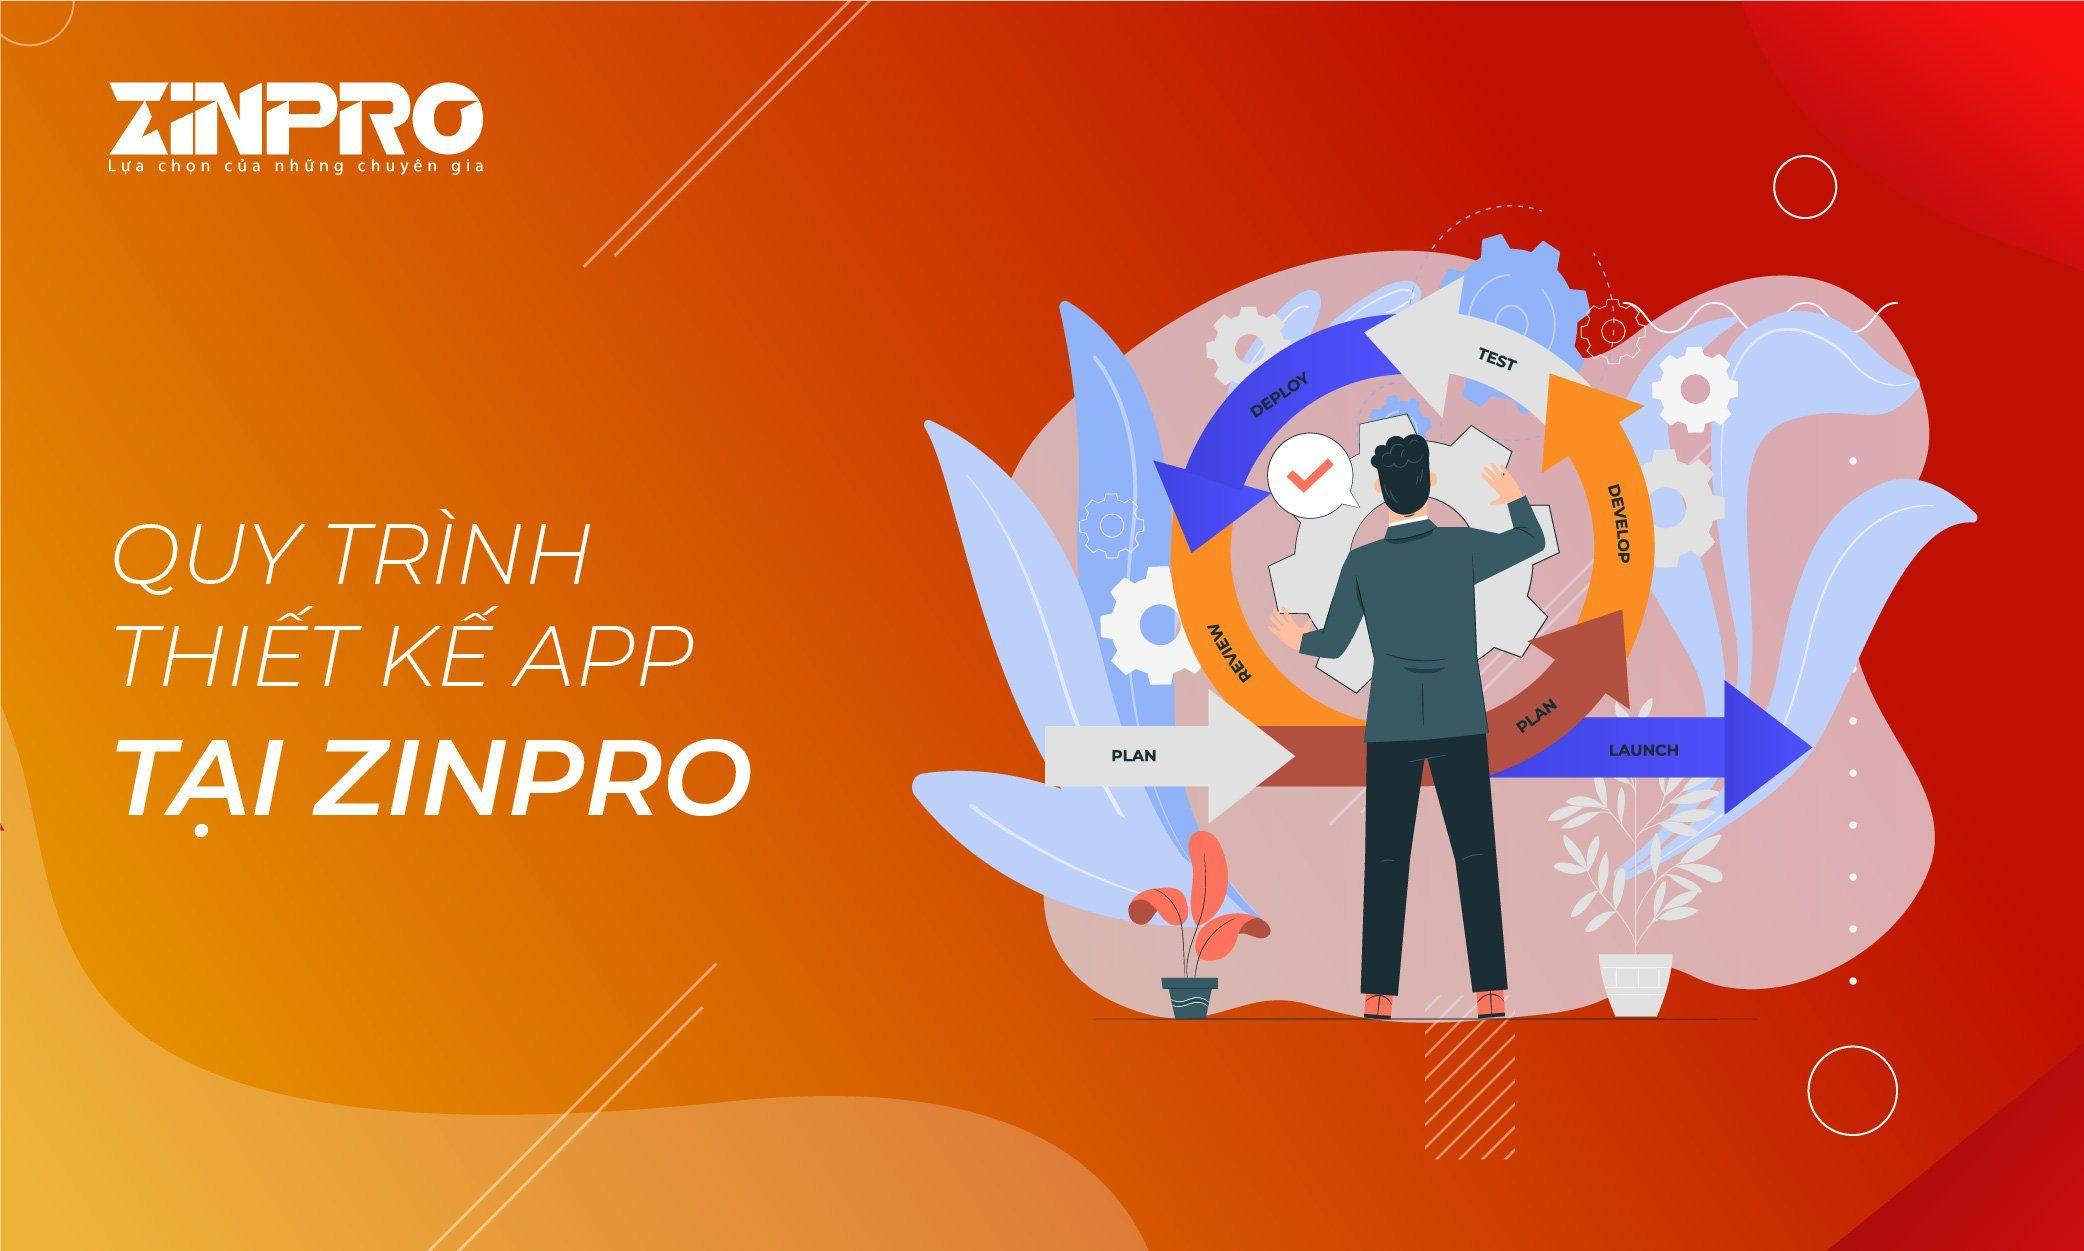 quy-trinh-thiet-ke-app-tai-zinpro